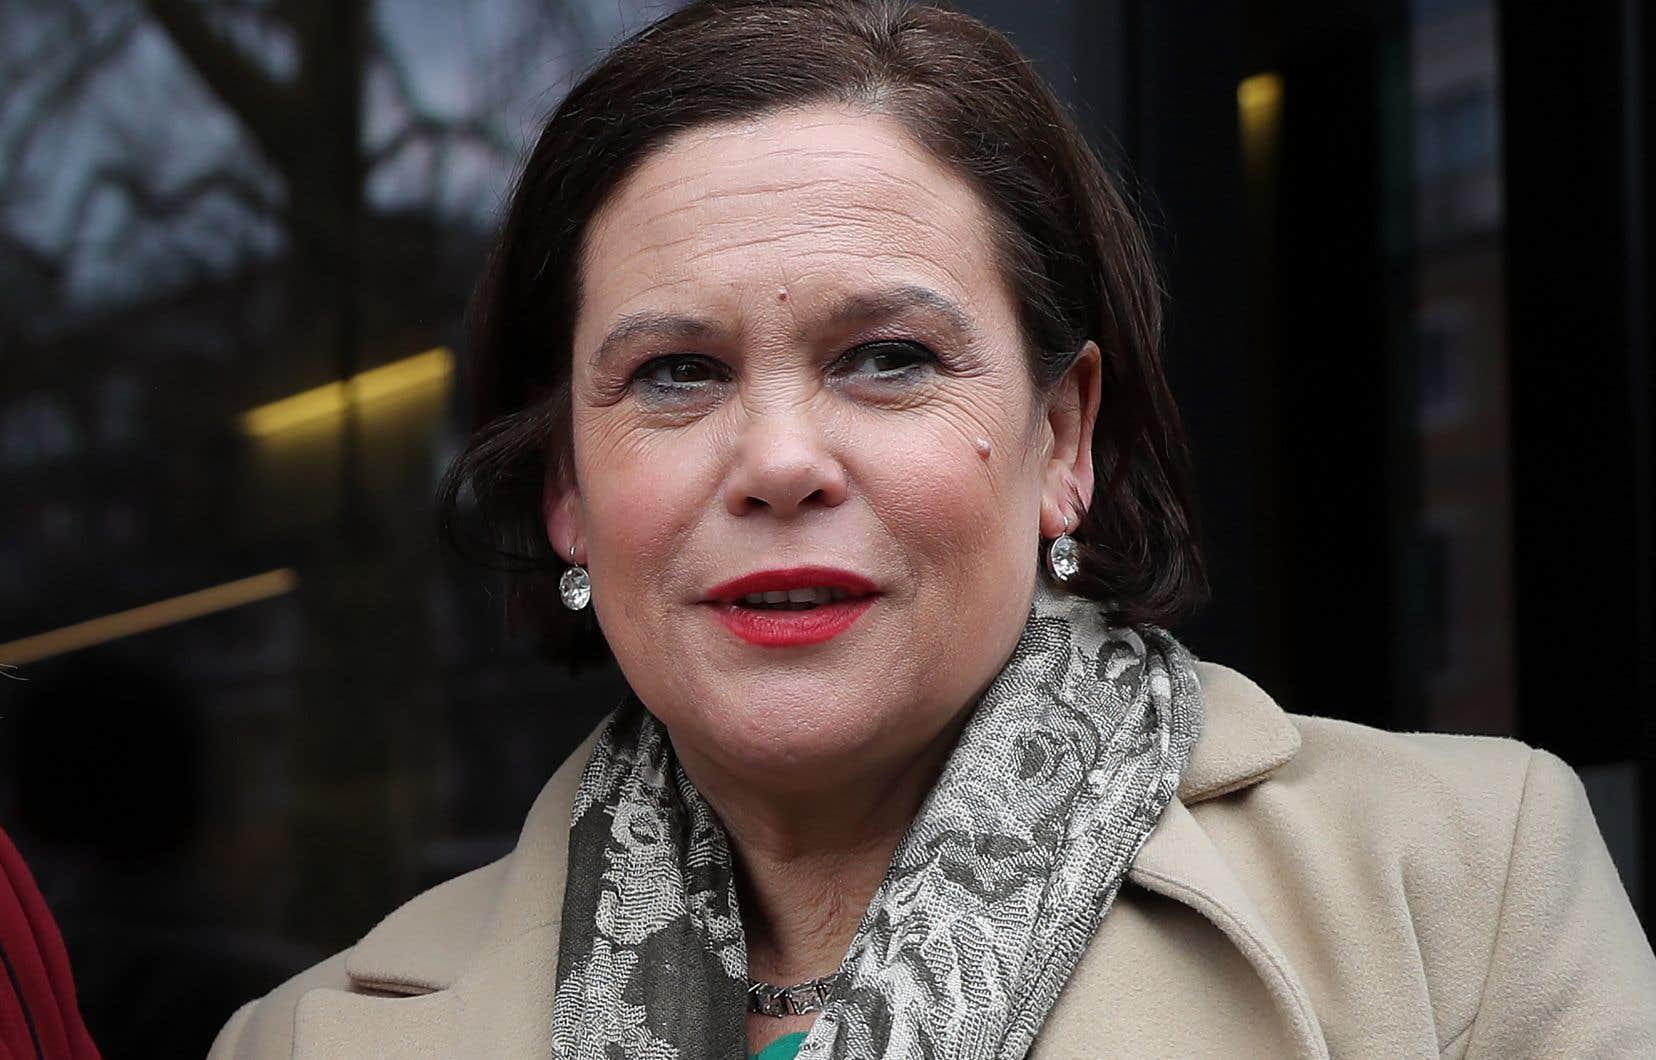 La nouvelle chef du Sinn Féin, parti souverainiste irlandais et nord-irlandais, Mary Lou McDonald, était de passage à Londres la semaine dernière.